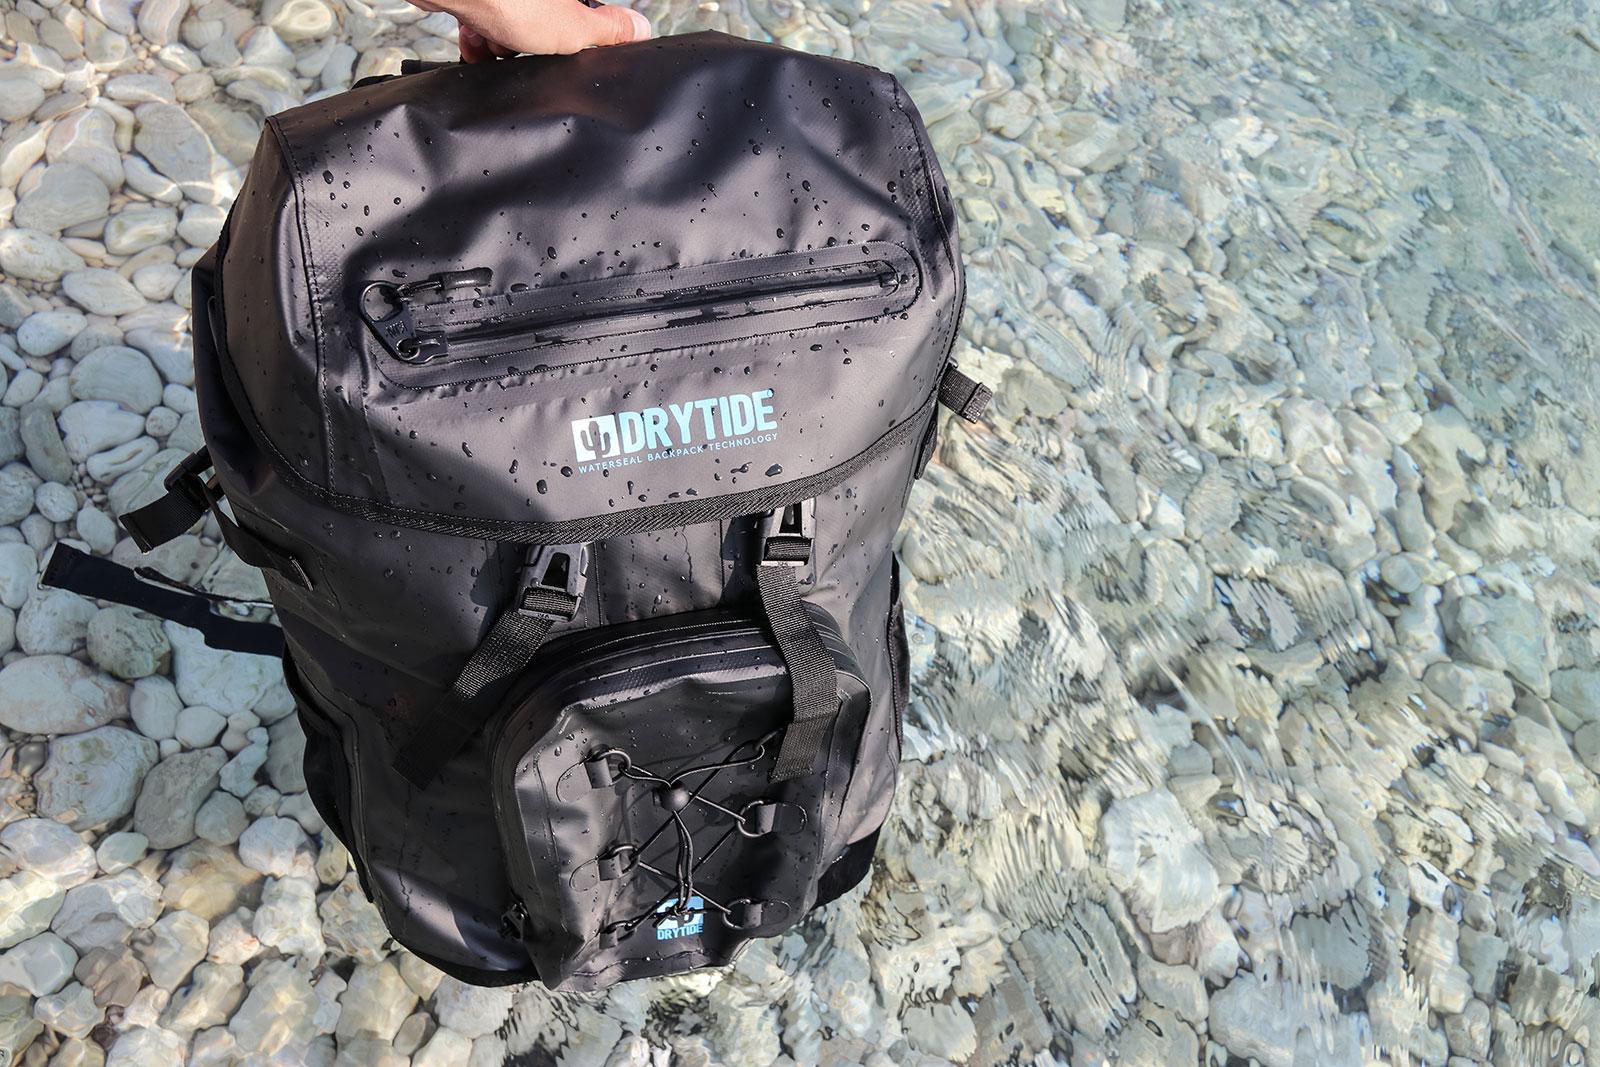 waterproof backpack in use